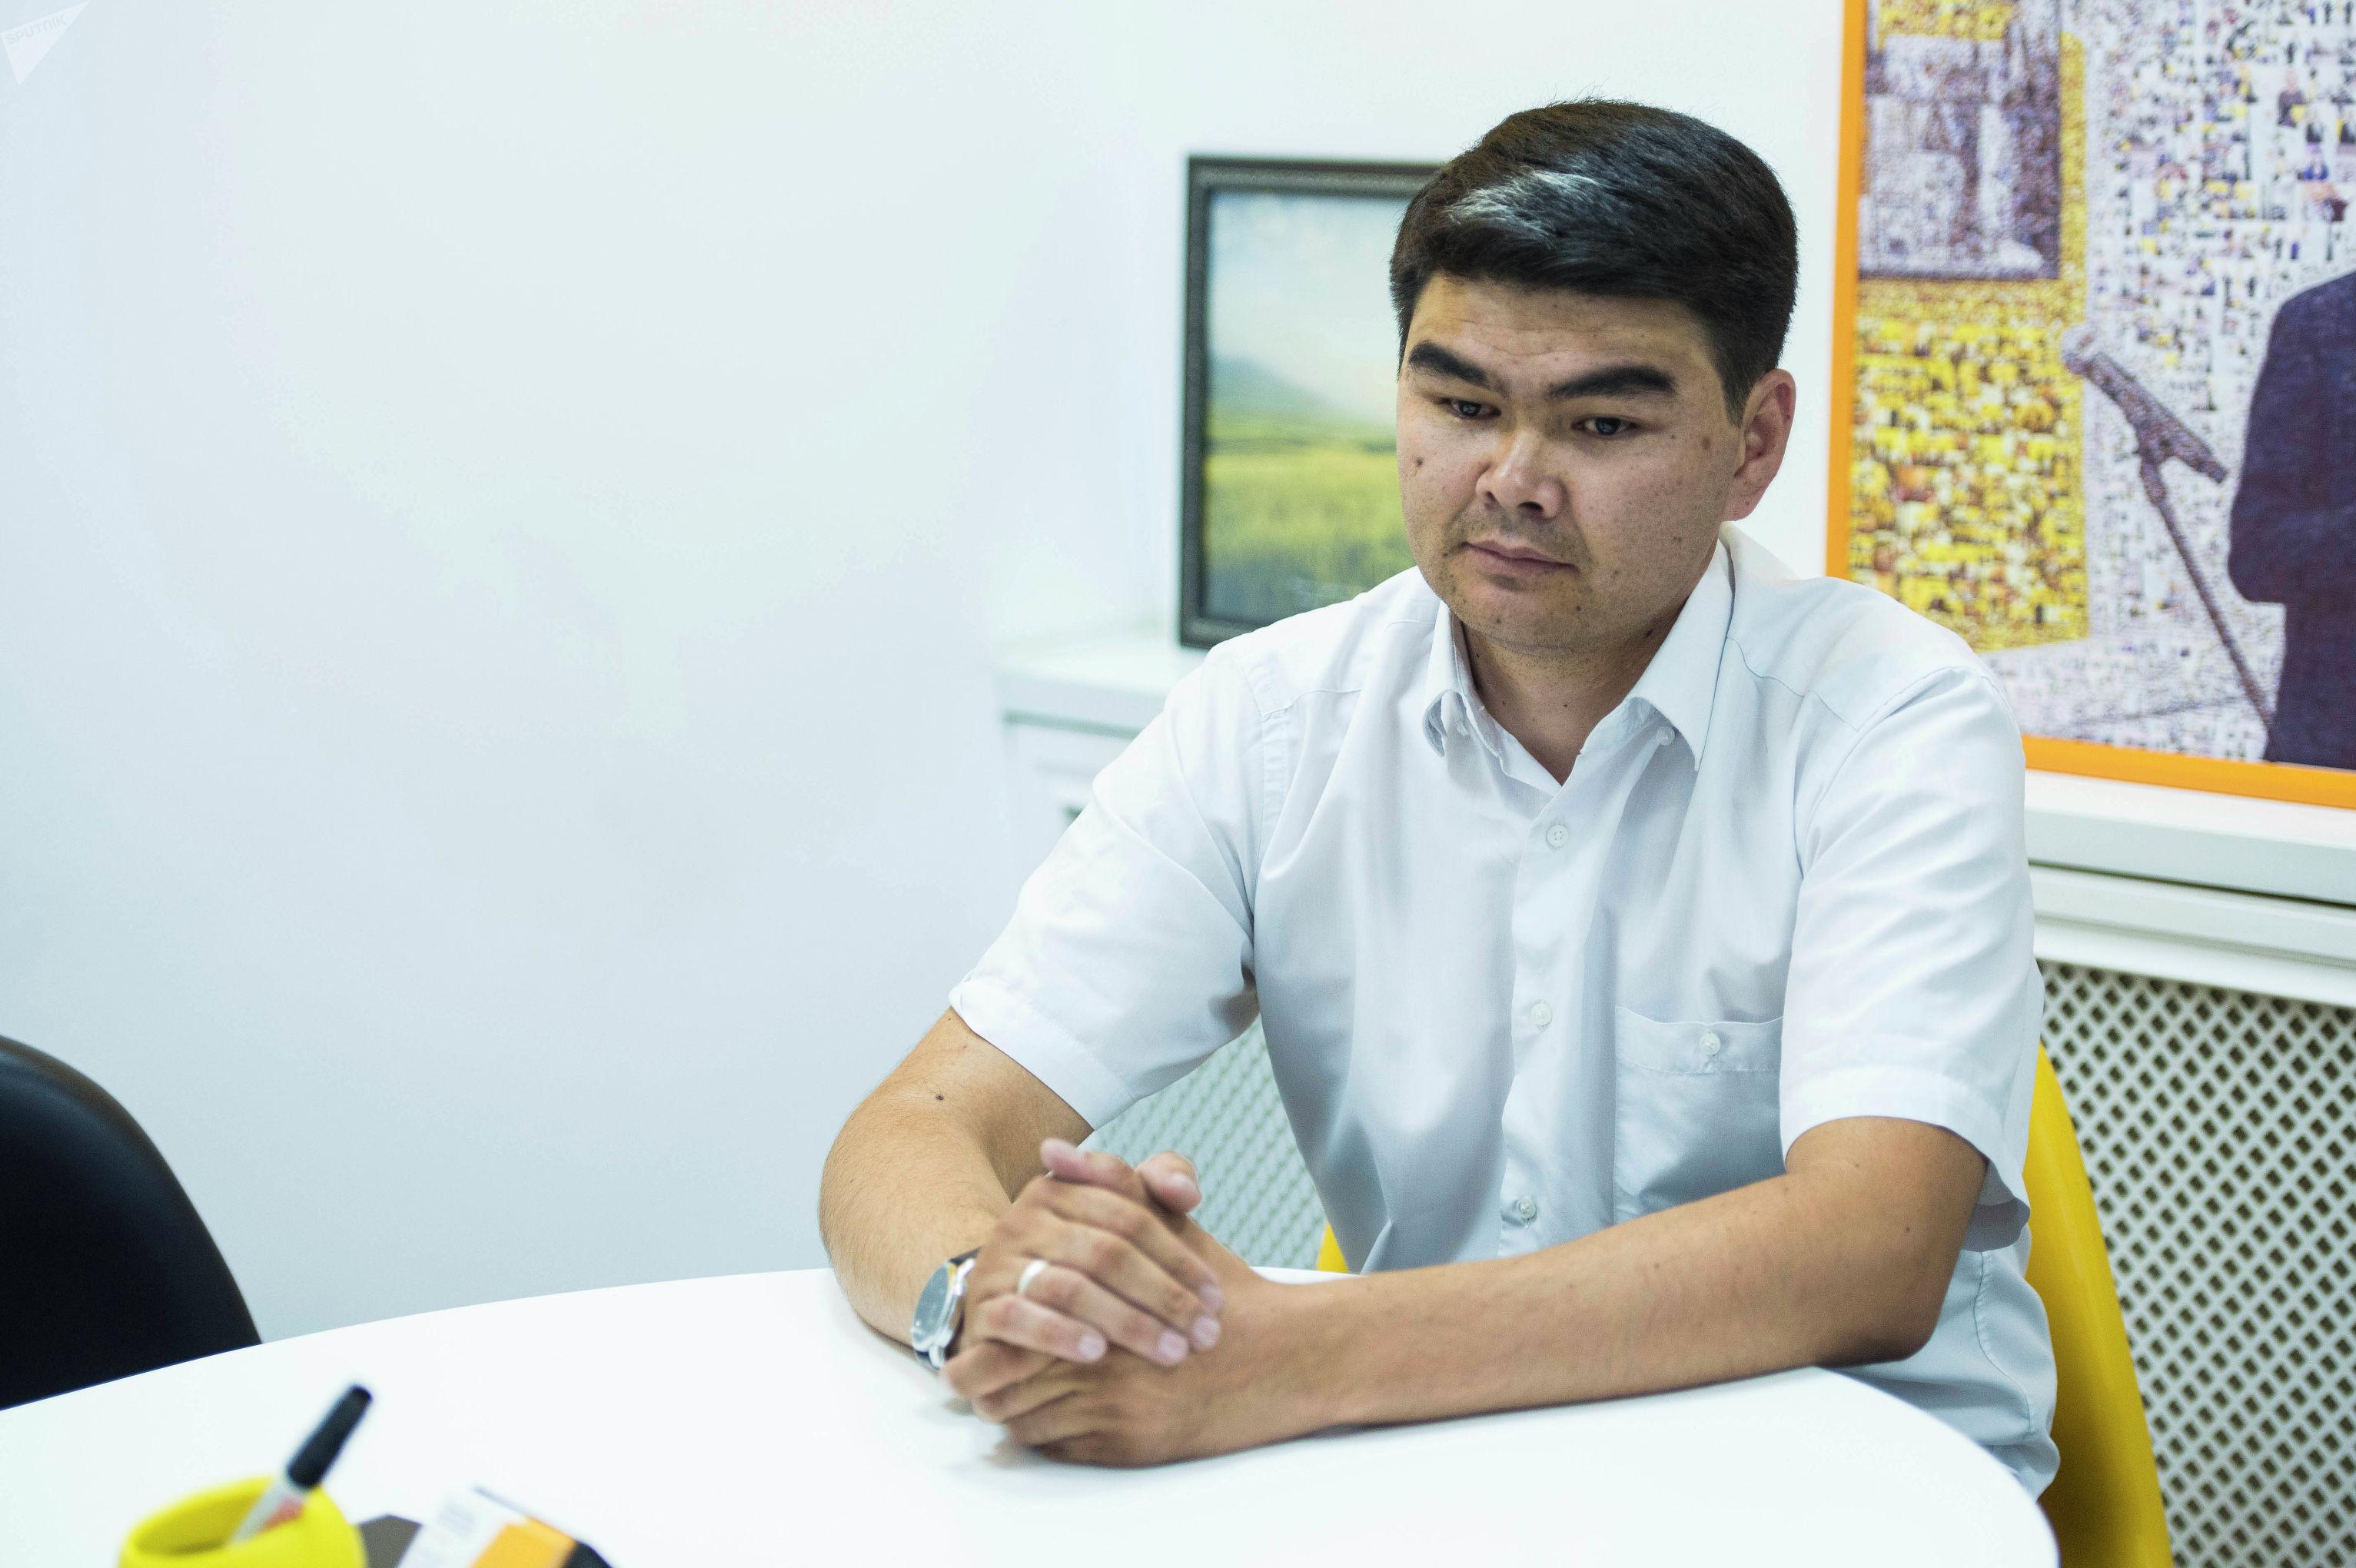 Работник МП Бишкекские парковки и стоянки Уларбек Сыдыкбеков во время беседы